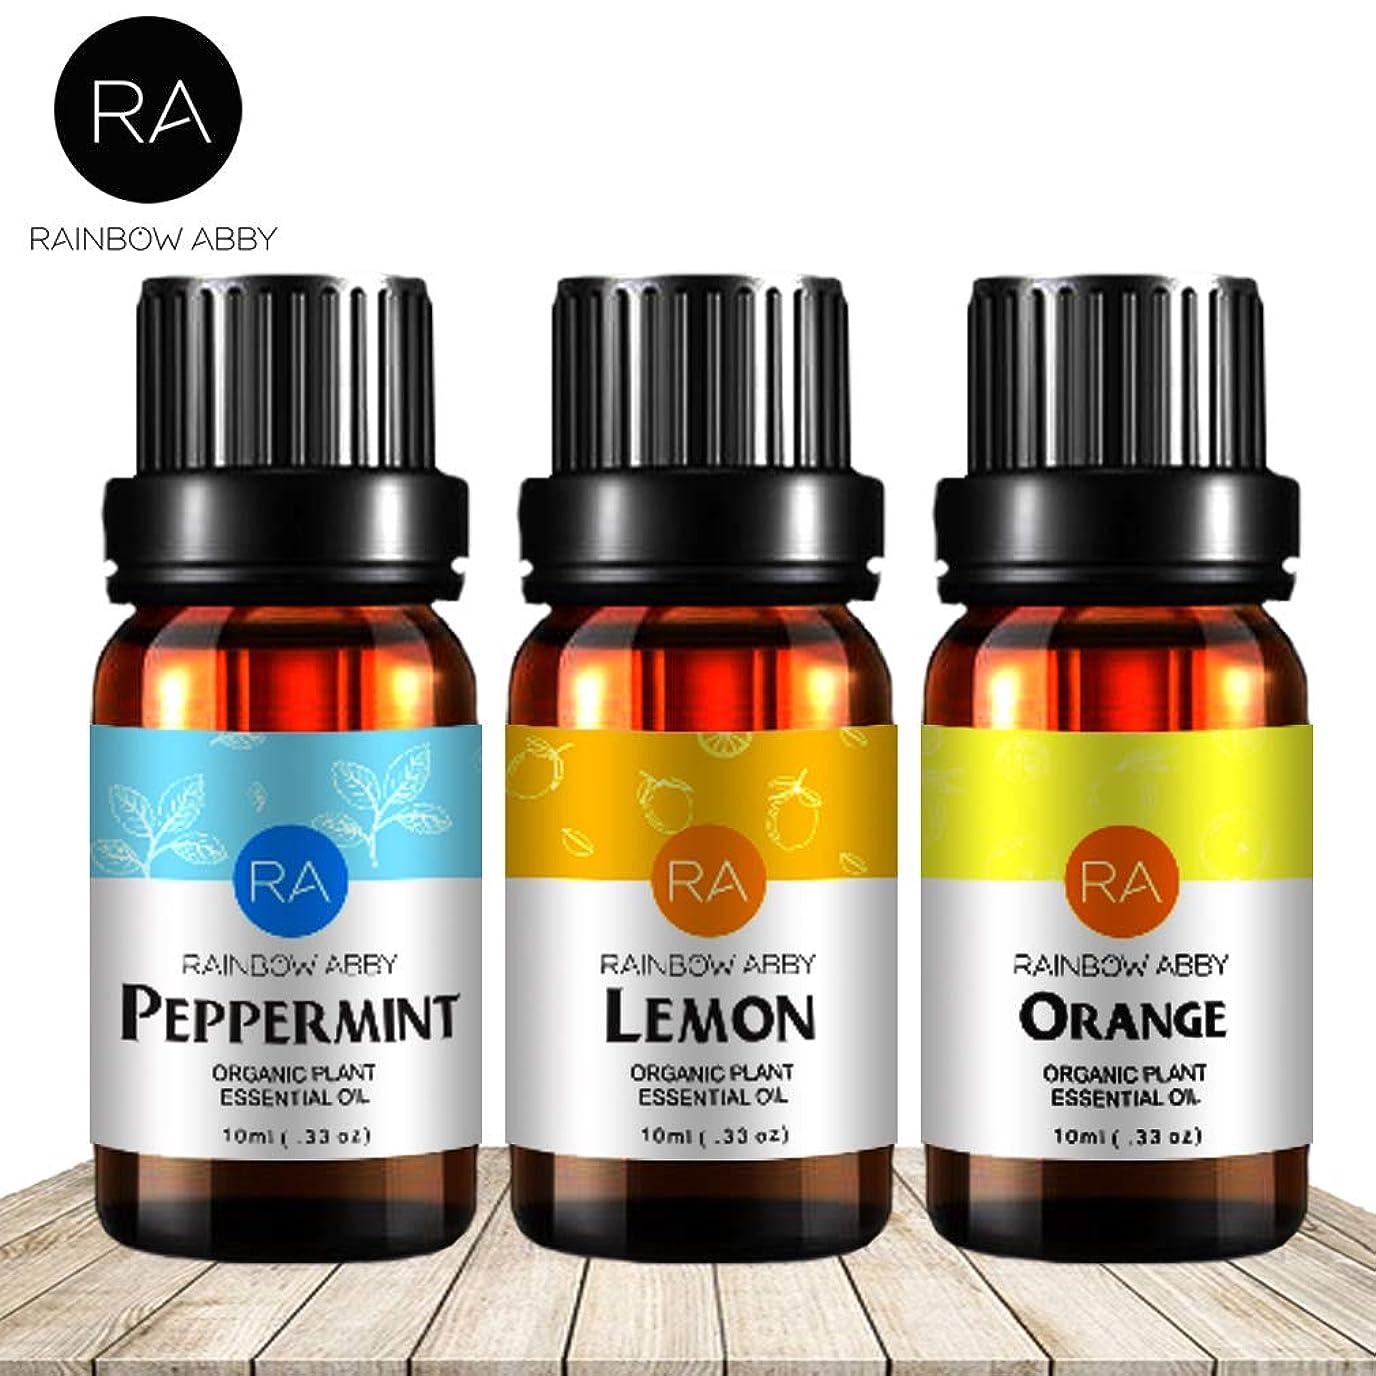 ほんのクラックゴールドRAINBOW ABBY 3パック 様々な エッセンシャル オイル : 甘い オレンジ、ペパーミント、レモン